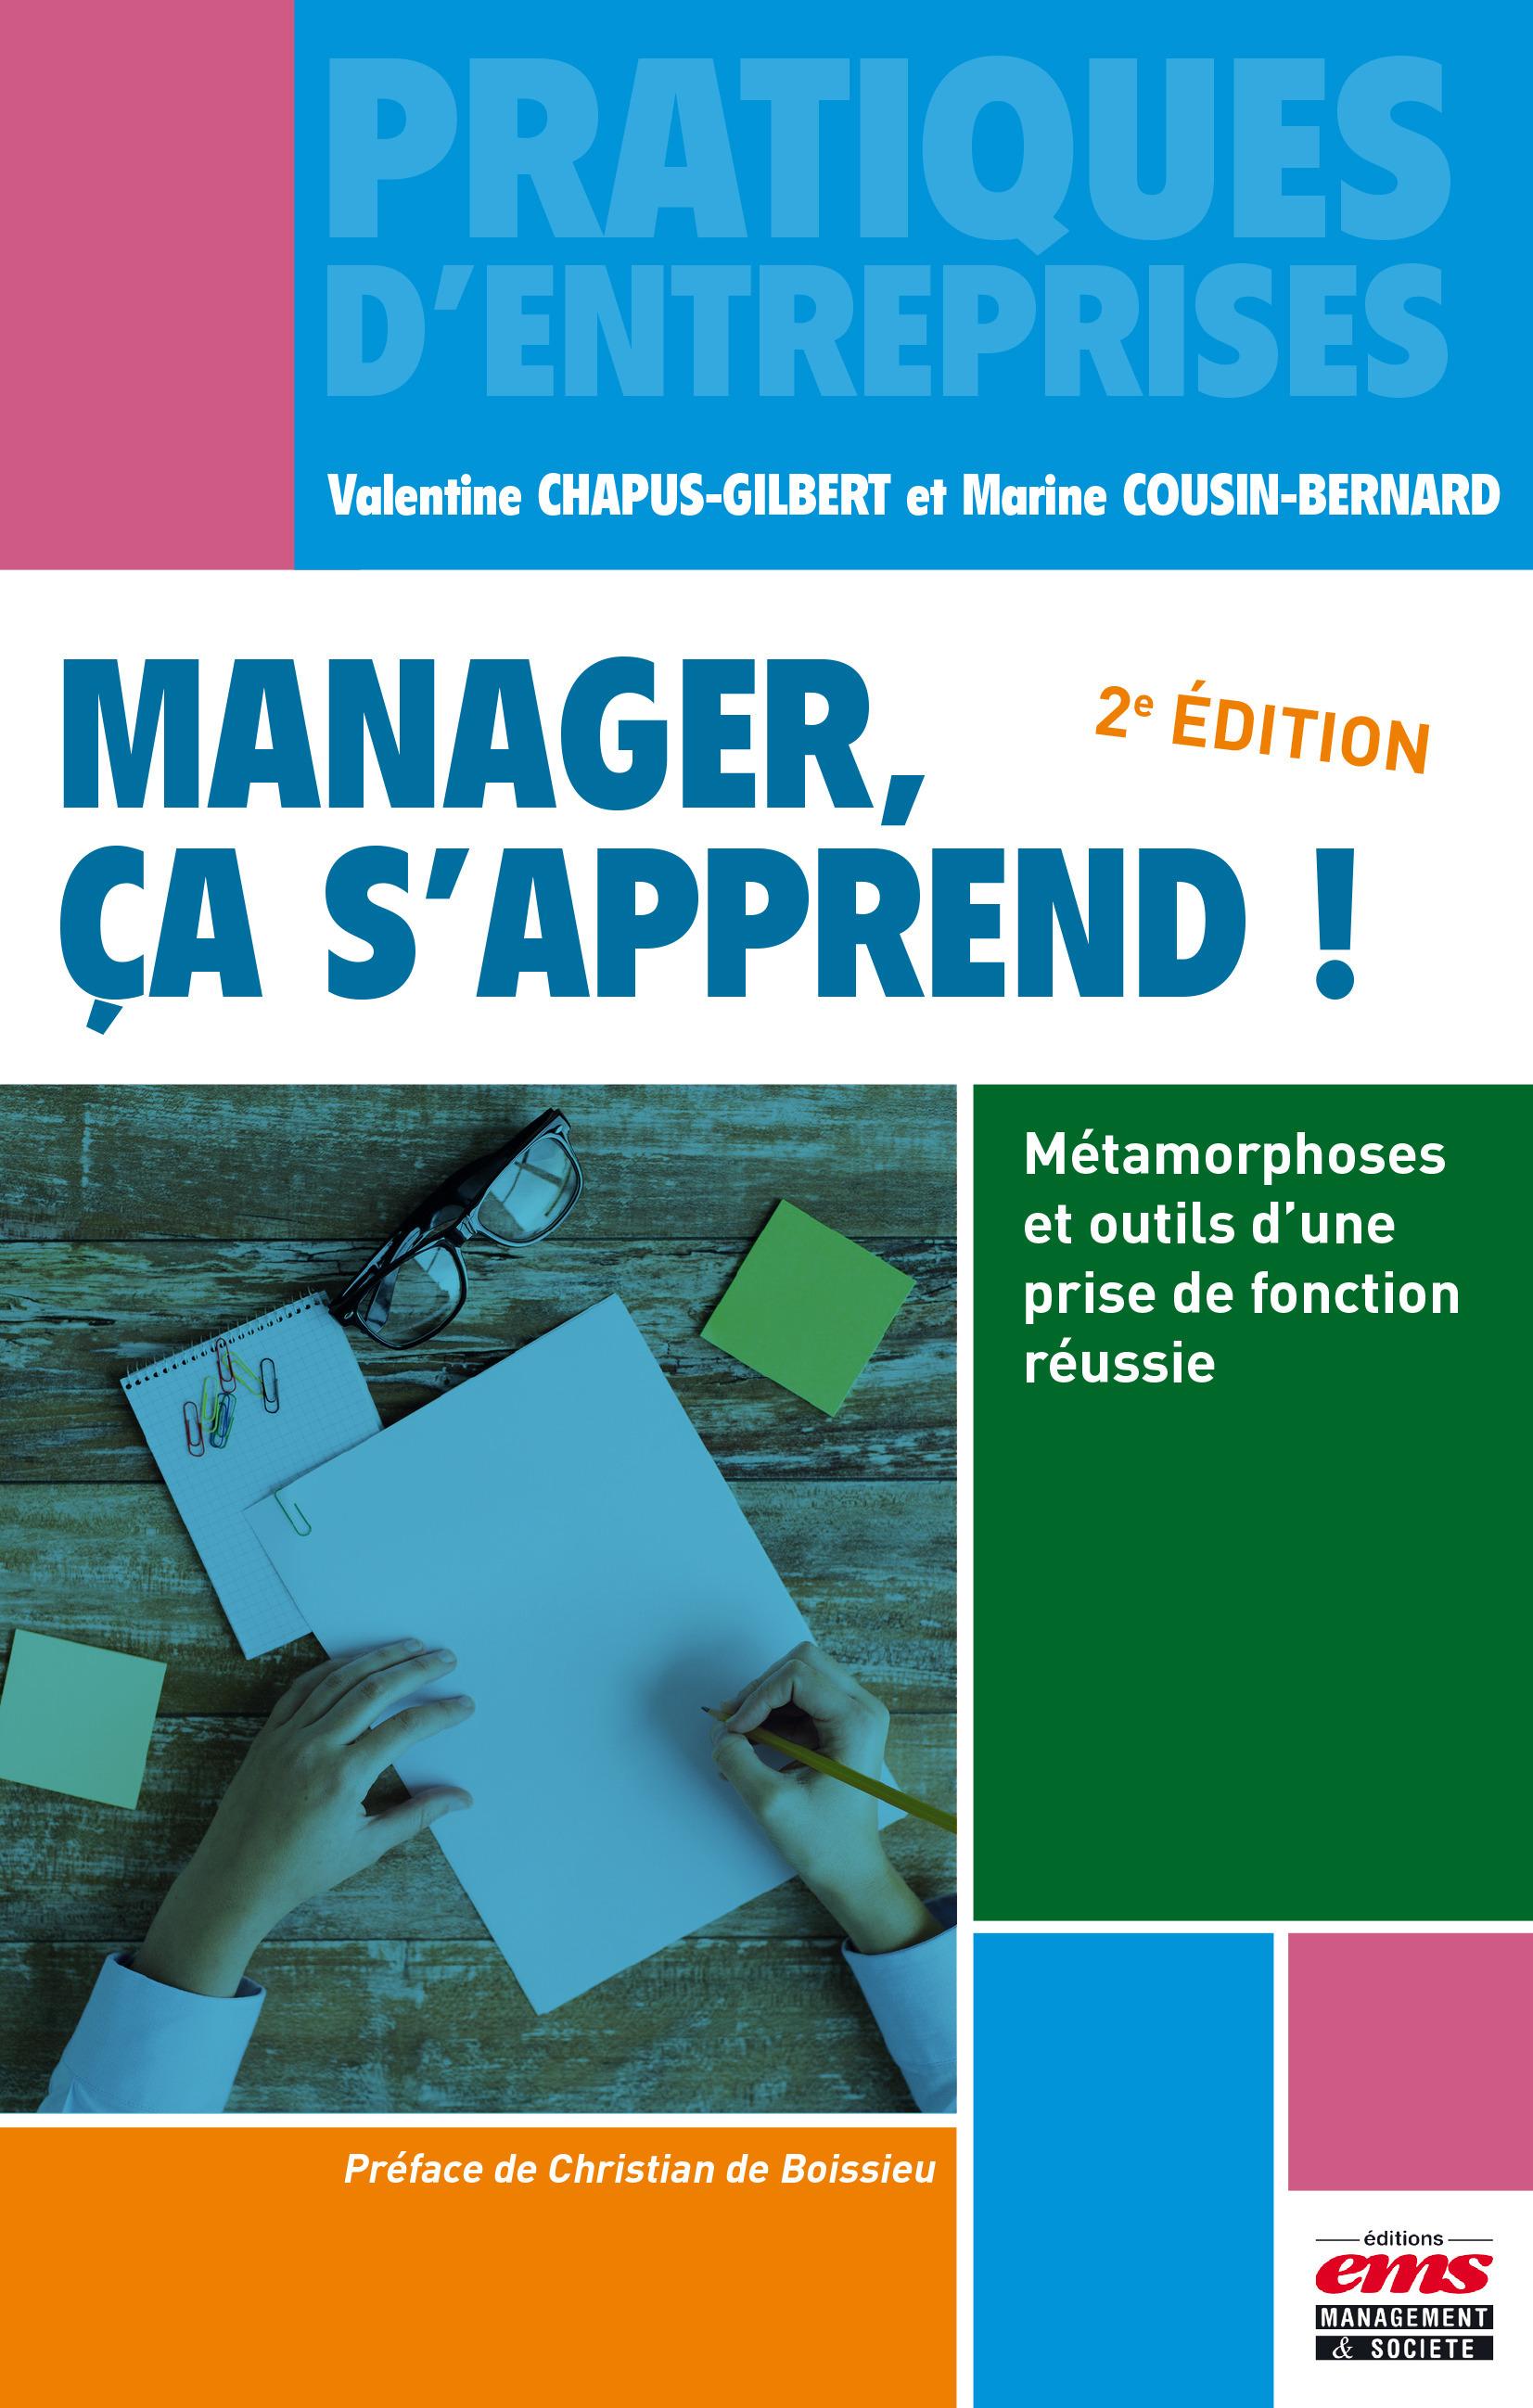 Manager, ça s'apprend ; métamorphoses et outils d'une prise de fonction réussie (2e édition)